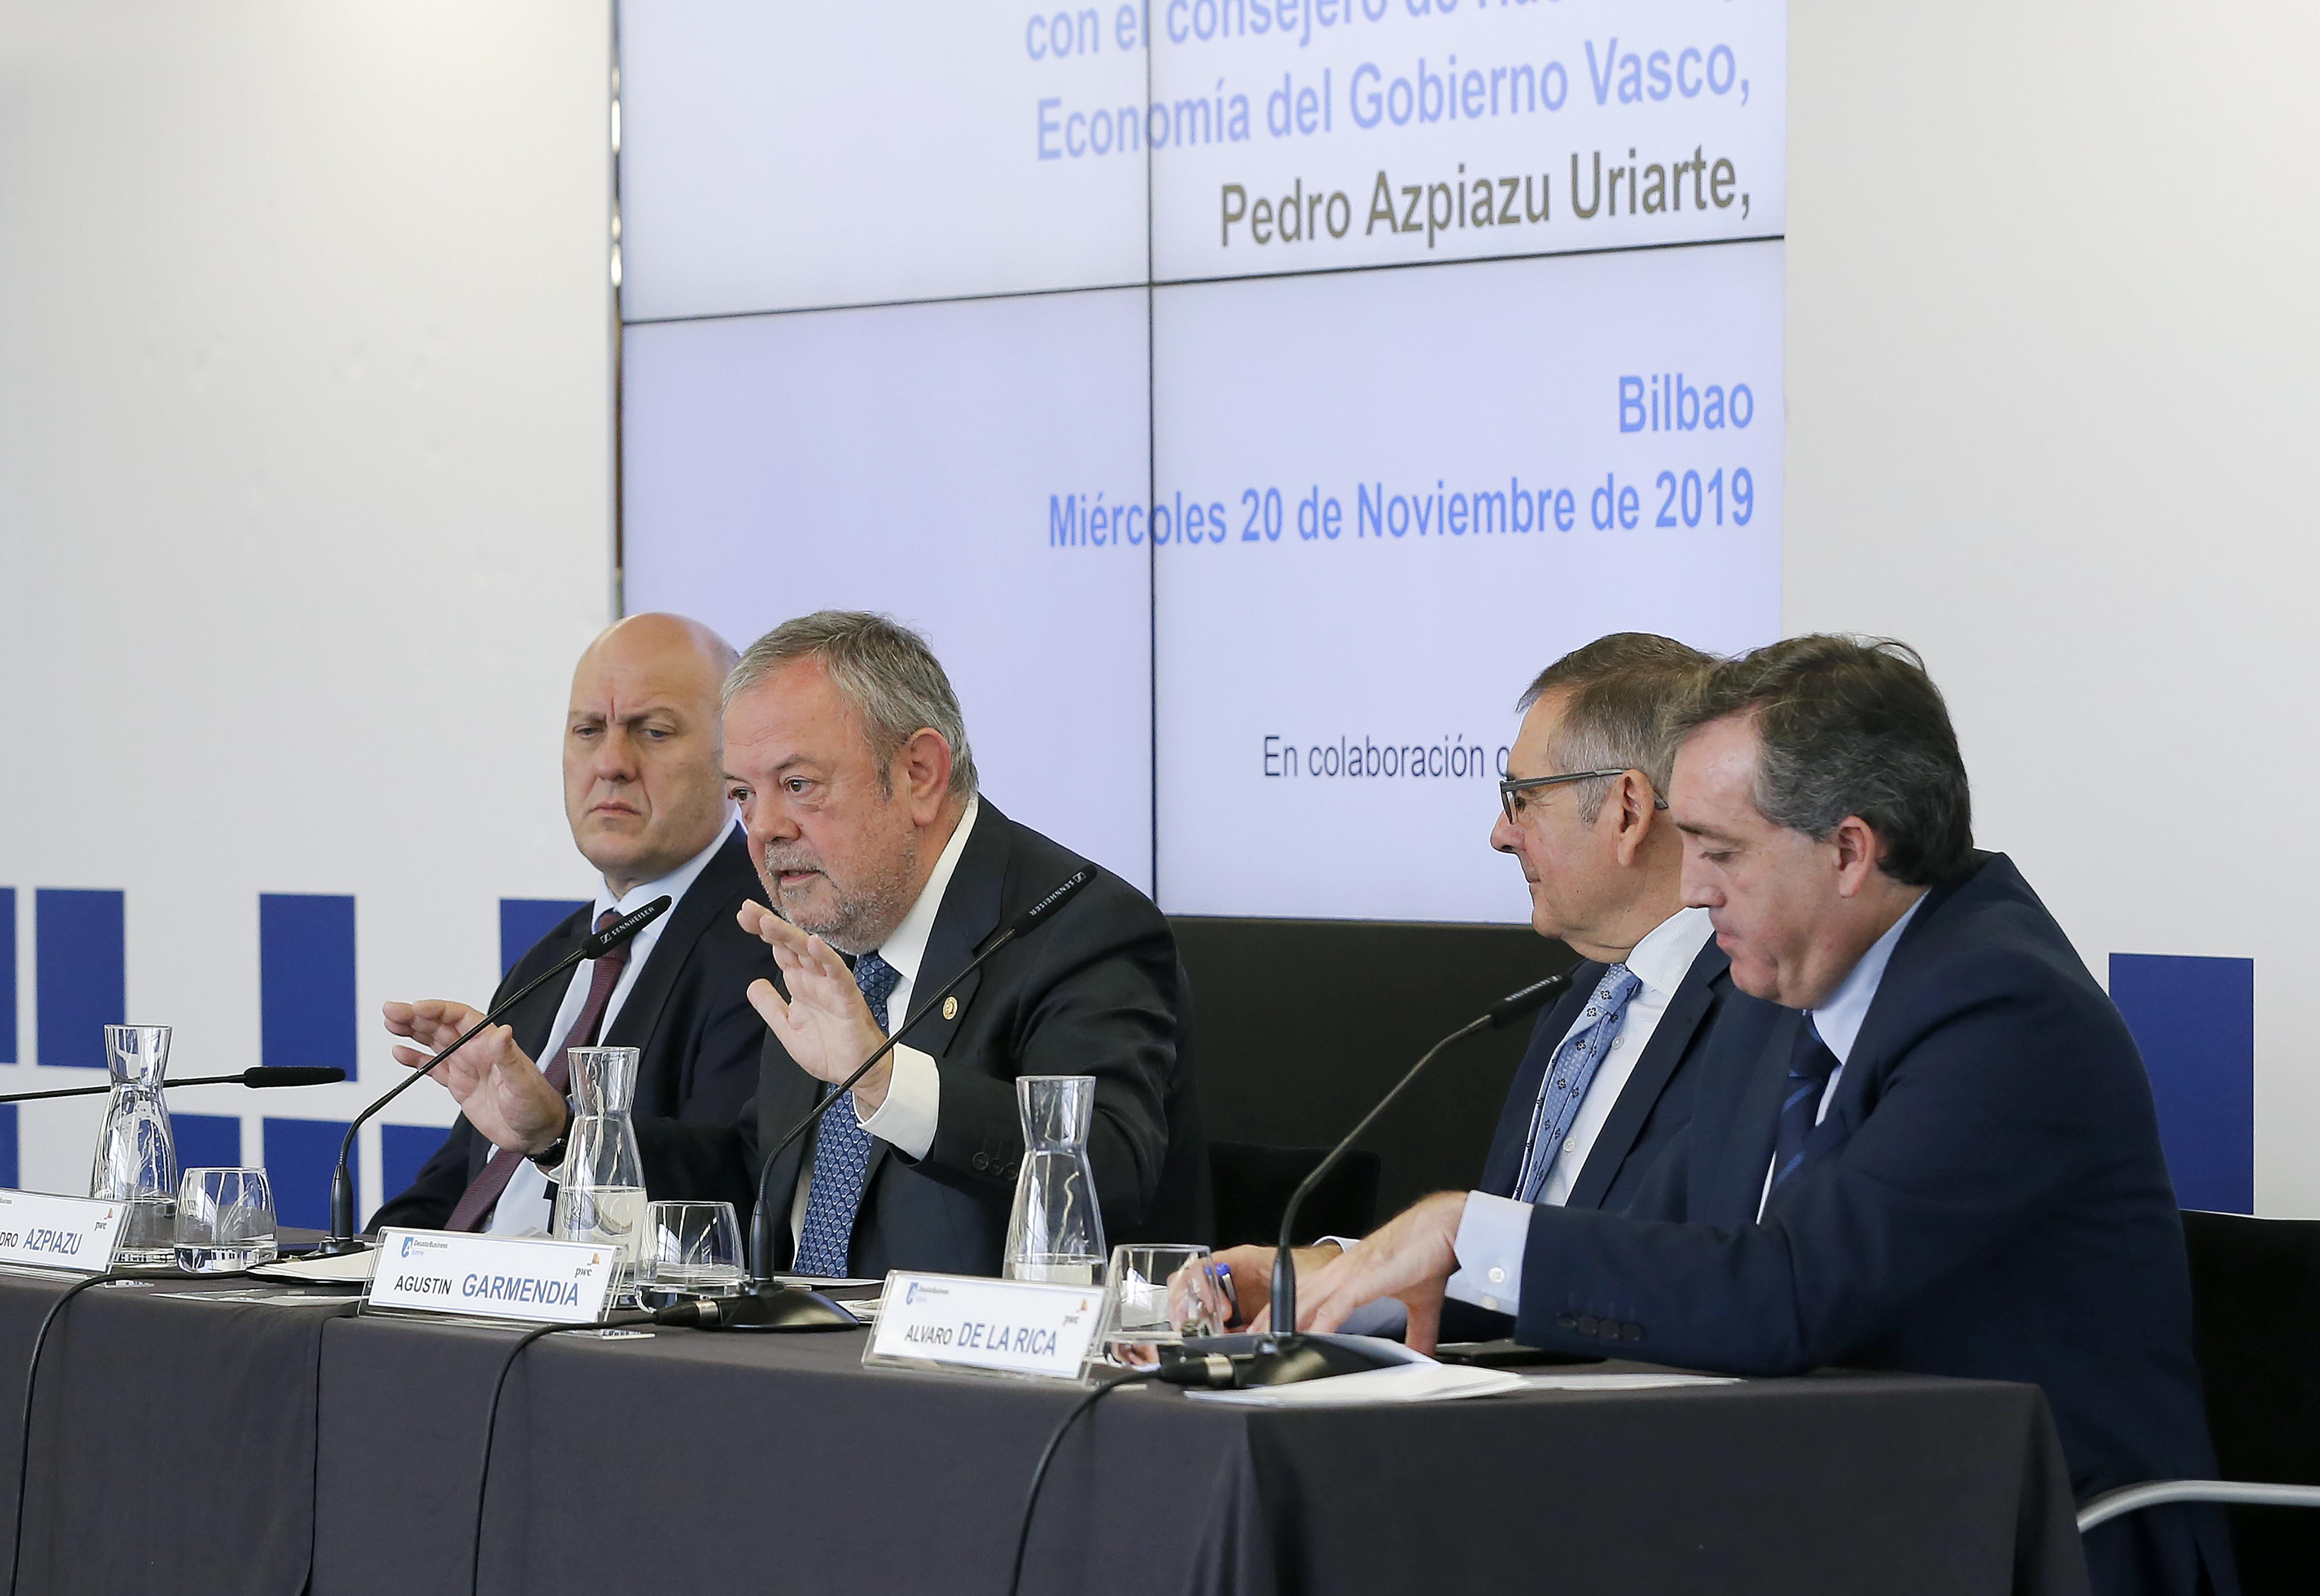 """Pedro Azpiazu sailburuaren """"Begirada ekonomikoa Euskadiren orainari eta etorkizunari"""" hitzaldia Deusto Business Alumni topaketan"""